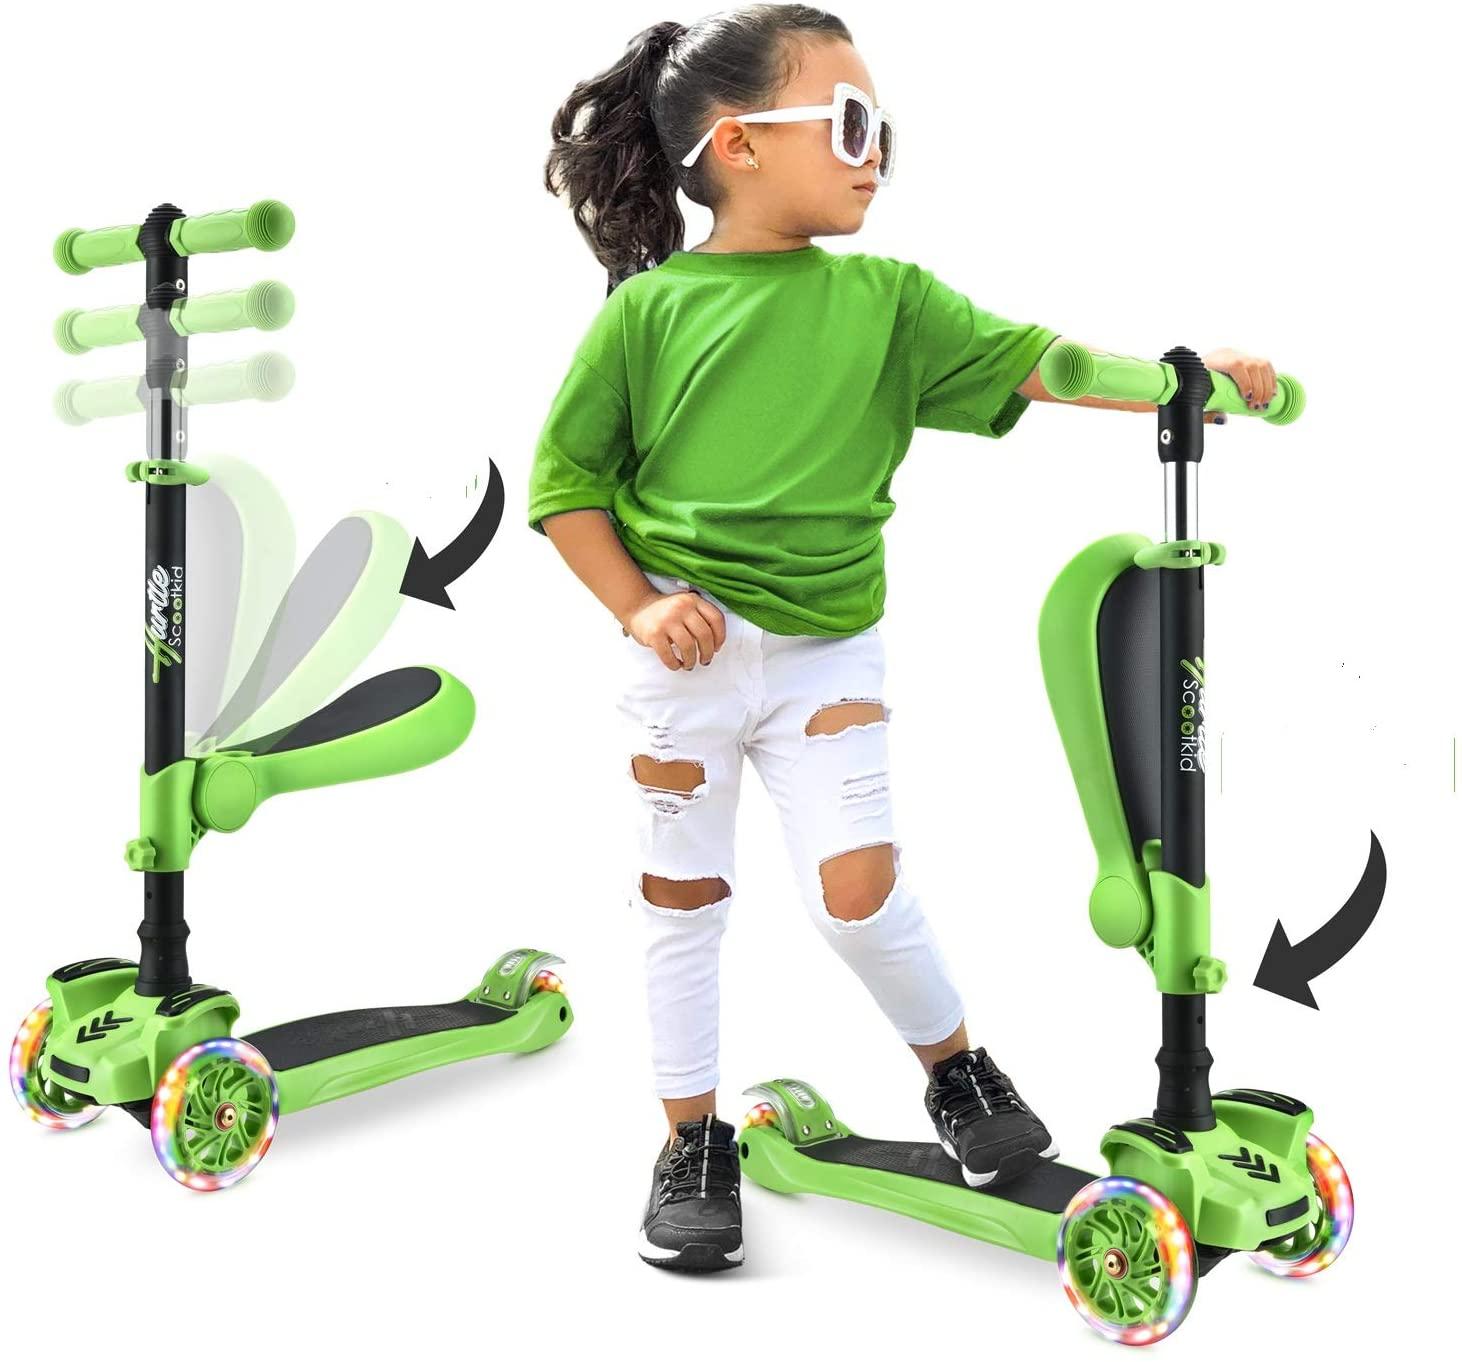 Xe Scooter - xe đồ chơi cho bé 2 tuổi